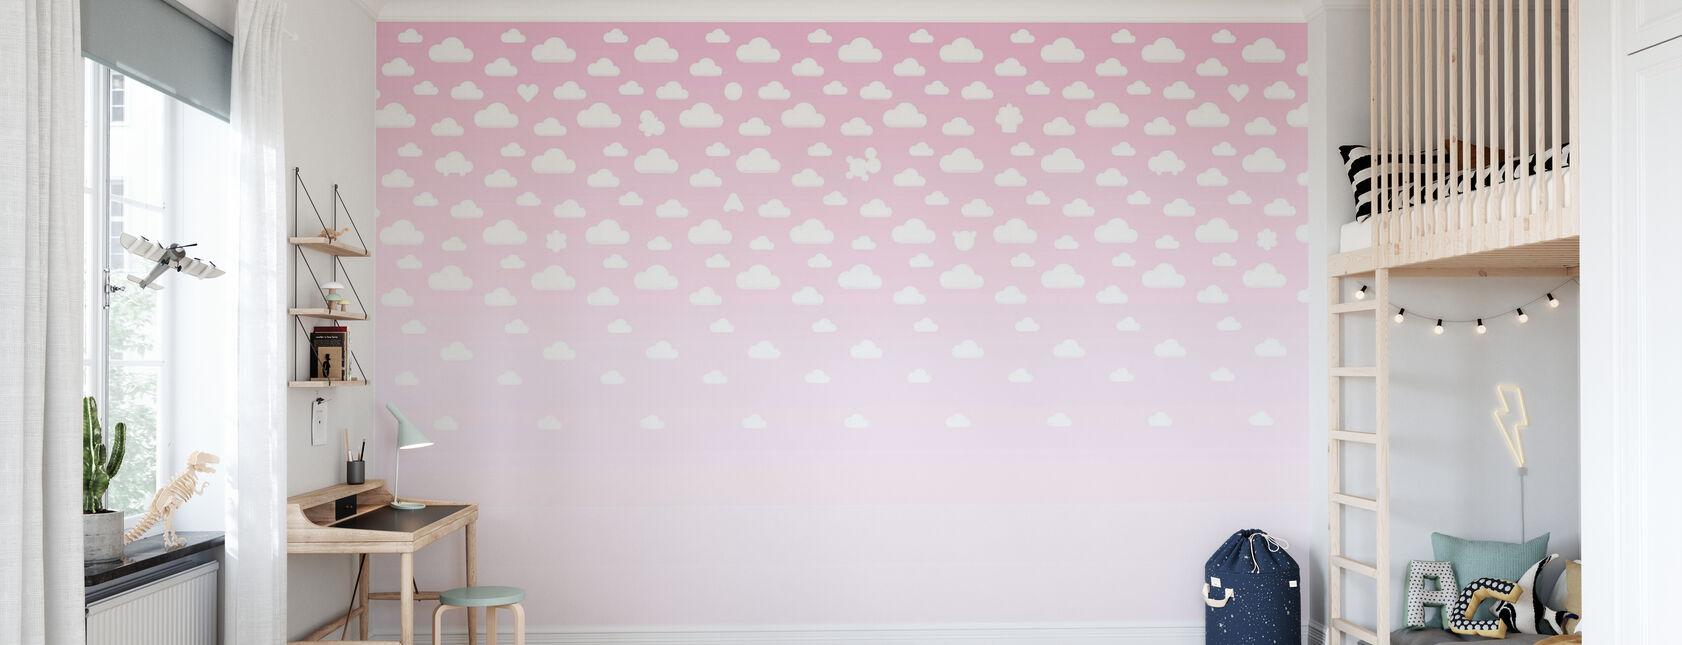 Rosa de manchas de nubes - Papel pintado - Cuarto de niños